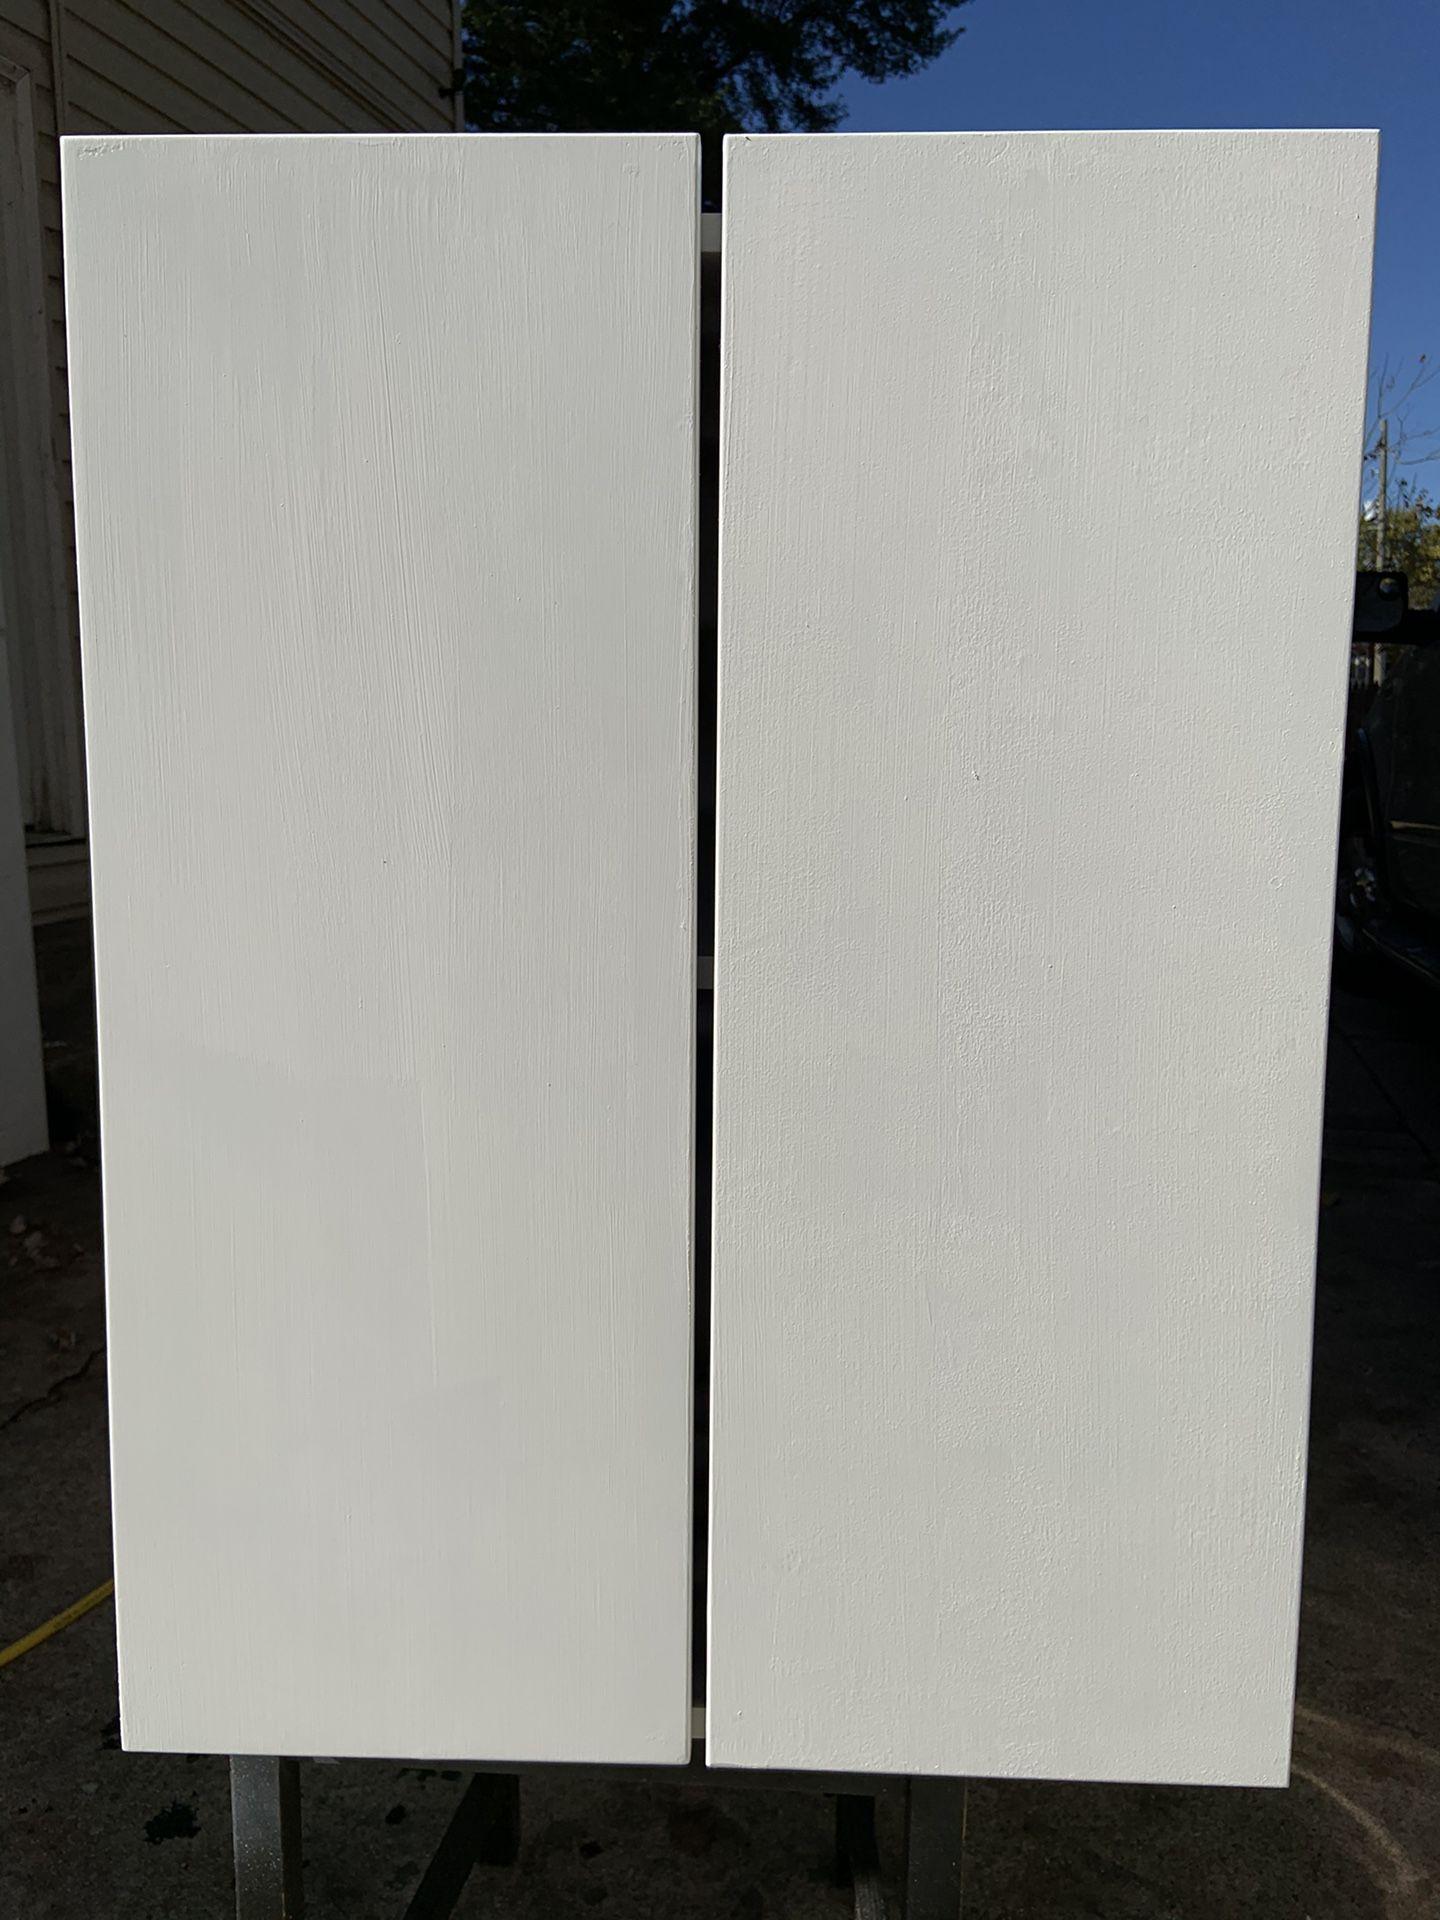 Se vende 2 gabinetes de 22.1/2 de ancho x 28.1/2 de alto